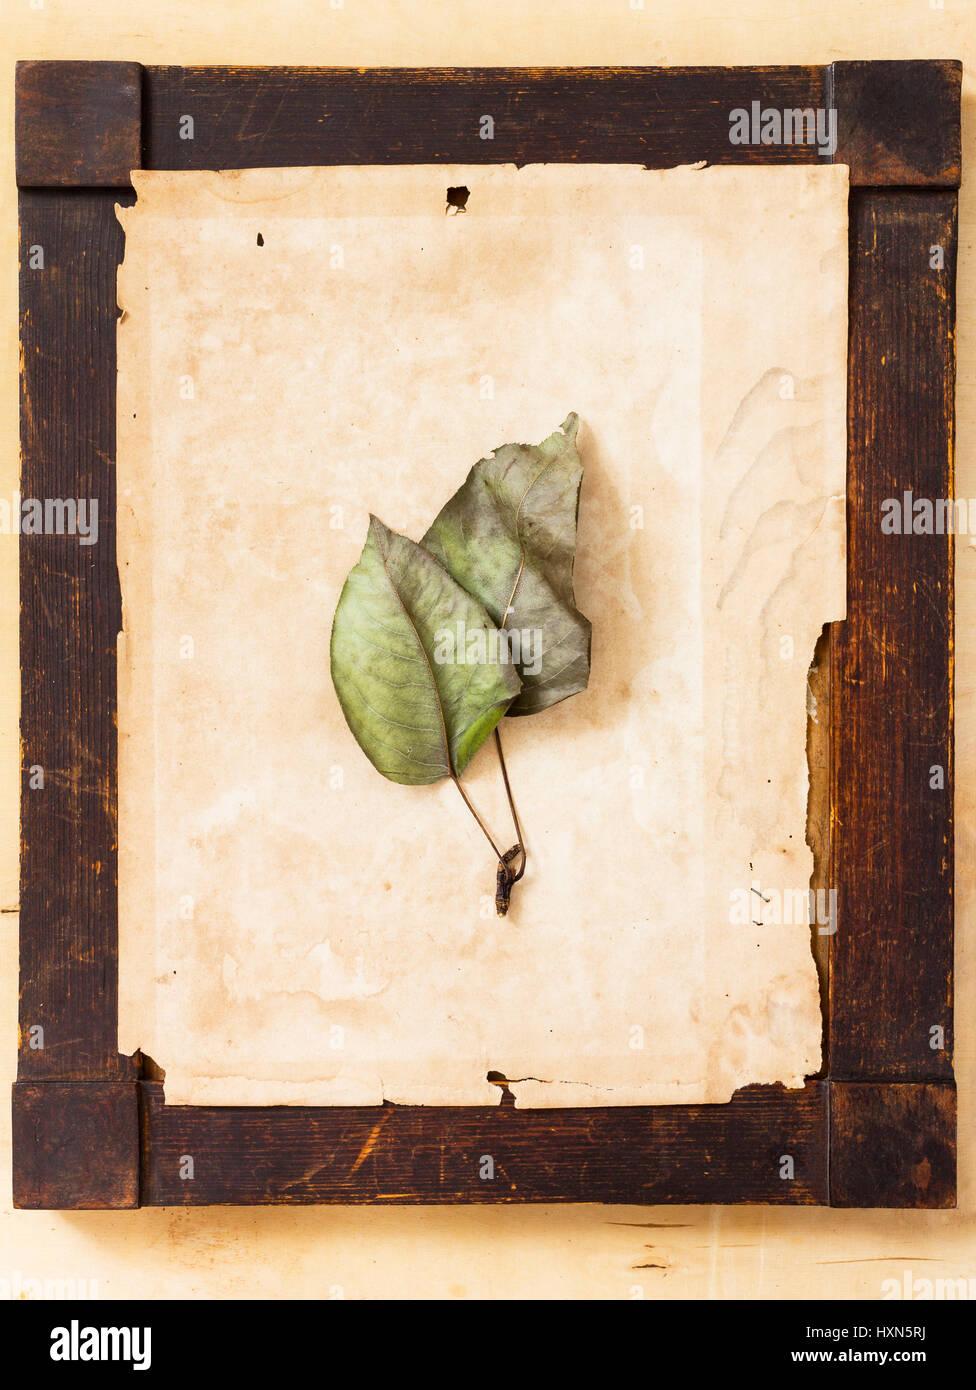 Zwei Welke Blätter auf vergilbtem Papierhintergrund angeordnet in ...